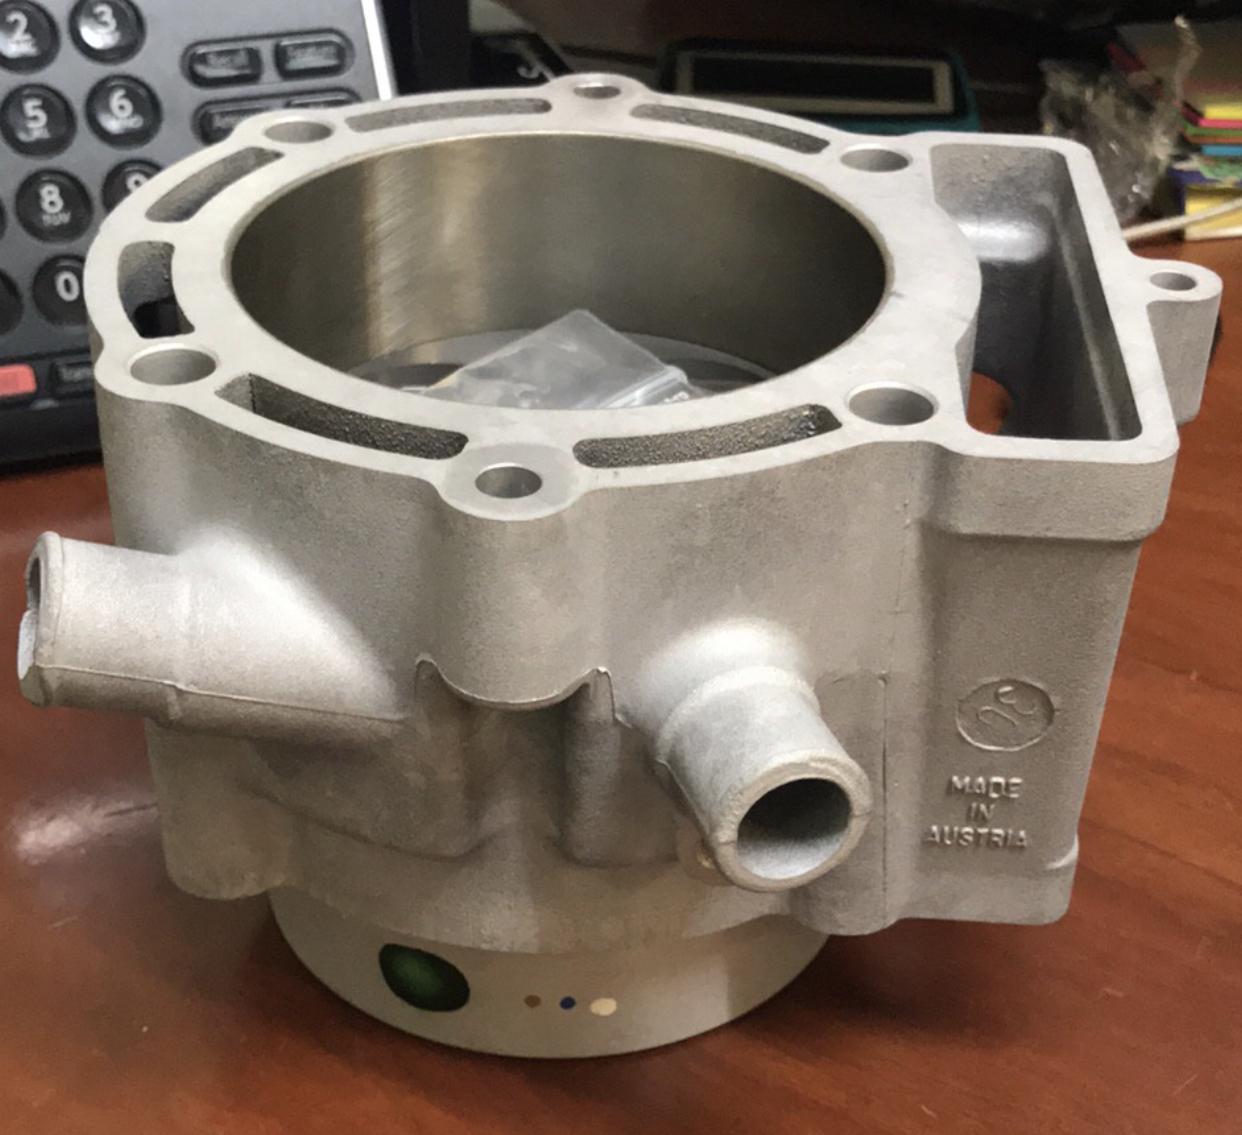 New RFS Cylinder & Piston kit 59030038000 OEM-324dfb3b-8108-44dc-8faa-70414a41a10e_1571406916786.jpeg